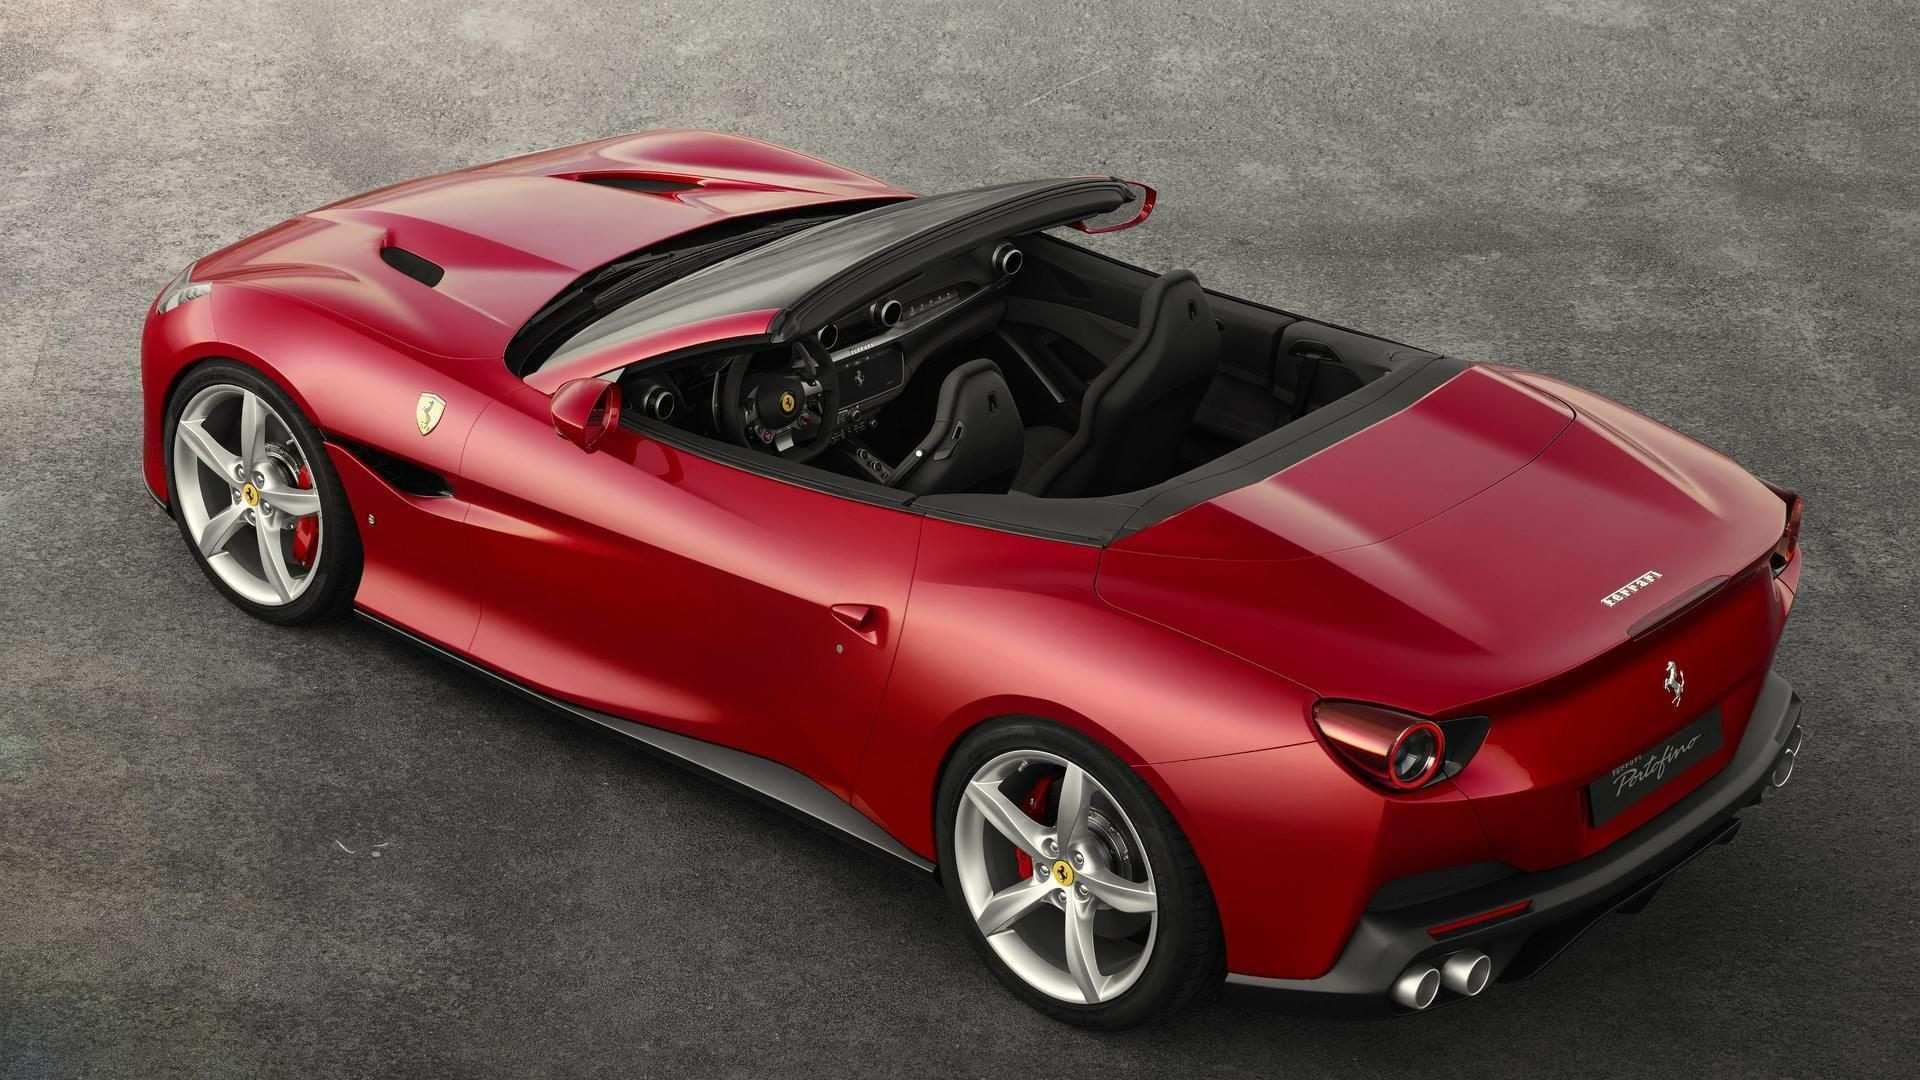 43 Great Ferrari Modelle 2020 Engine by Ferrari Modelle 2020